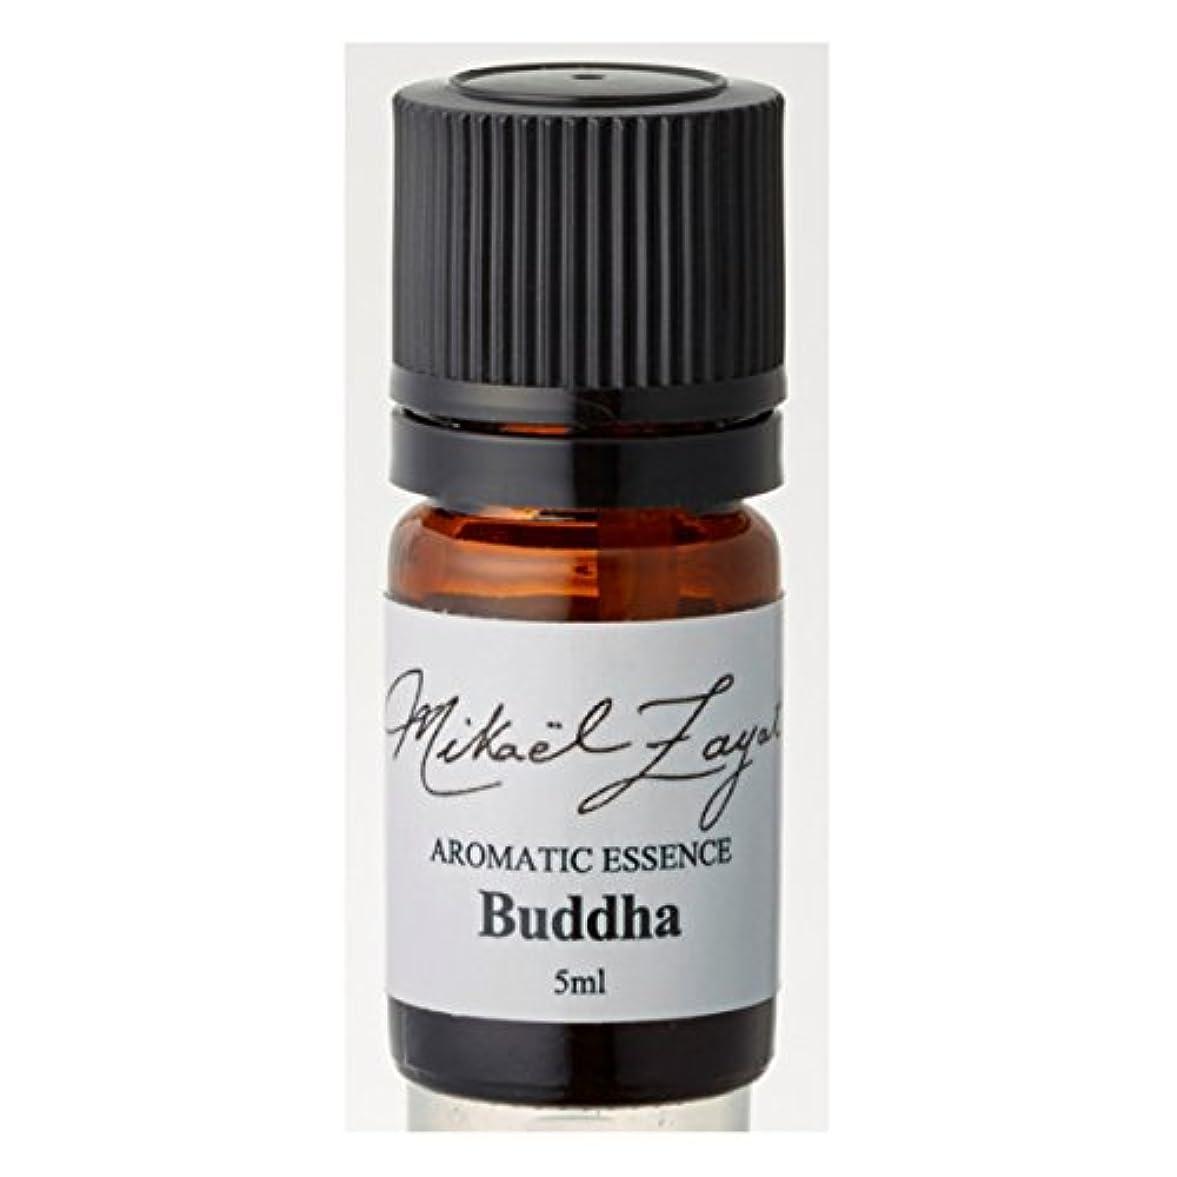 勉強するヒゲ酸度ミカエルザヤット ブッダ 5ml Buddha 5ml/ Mikael Zayat hand made blend